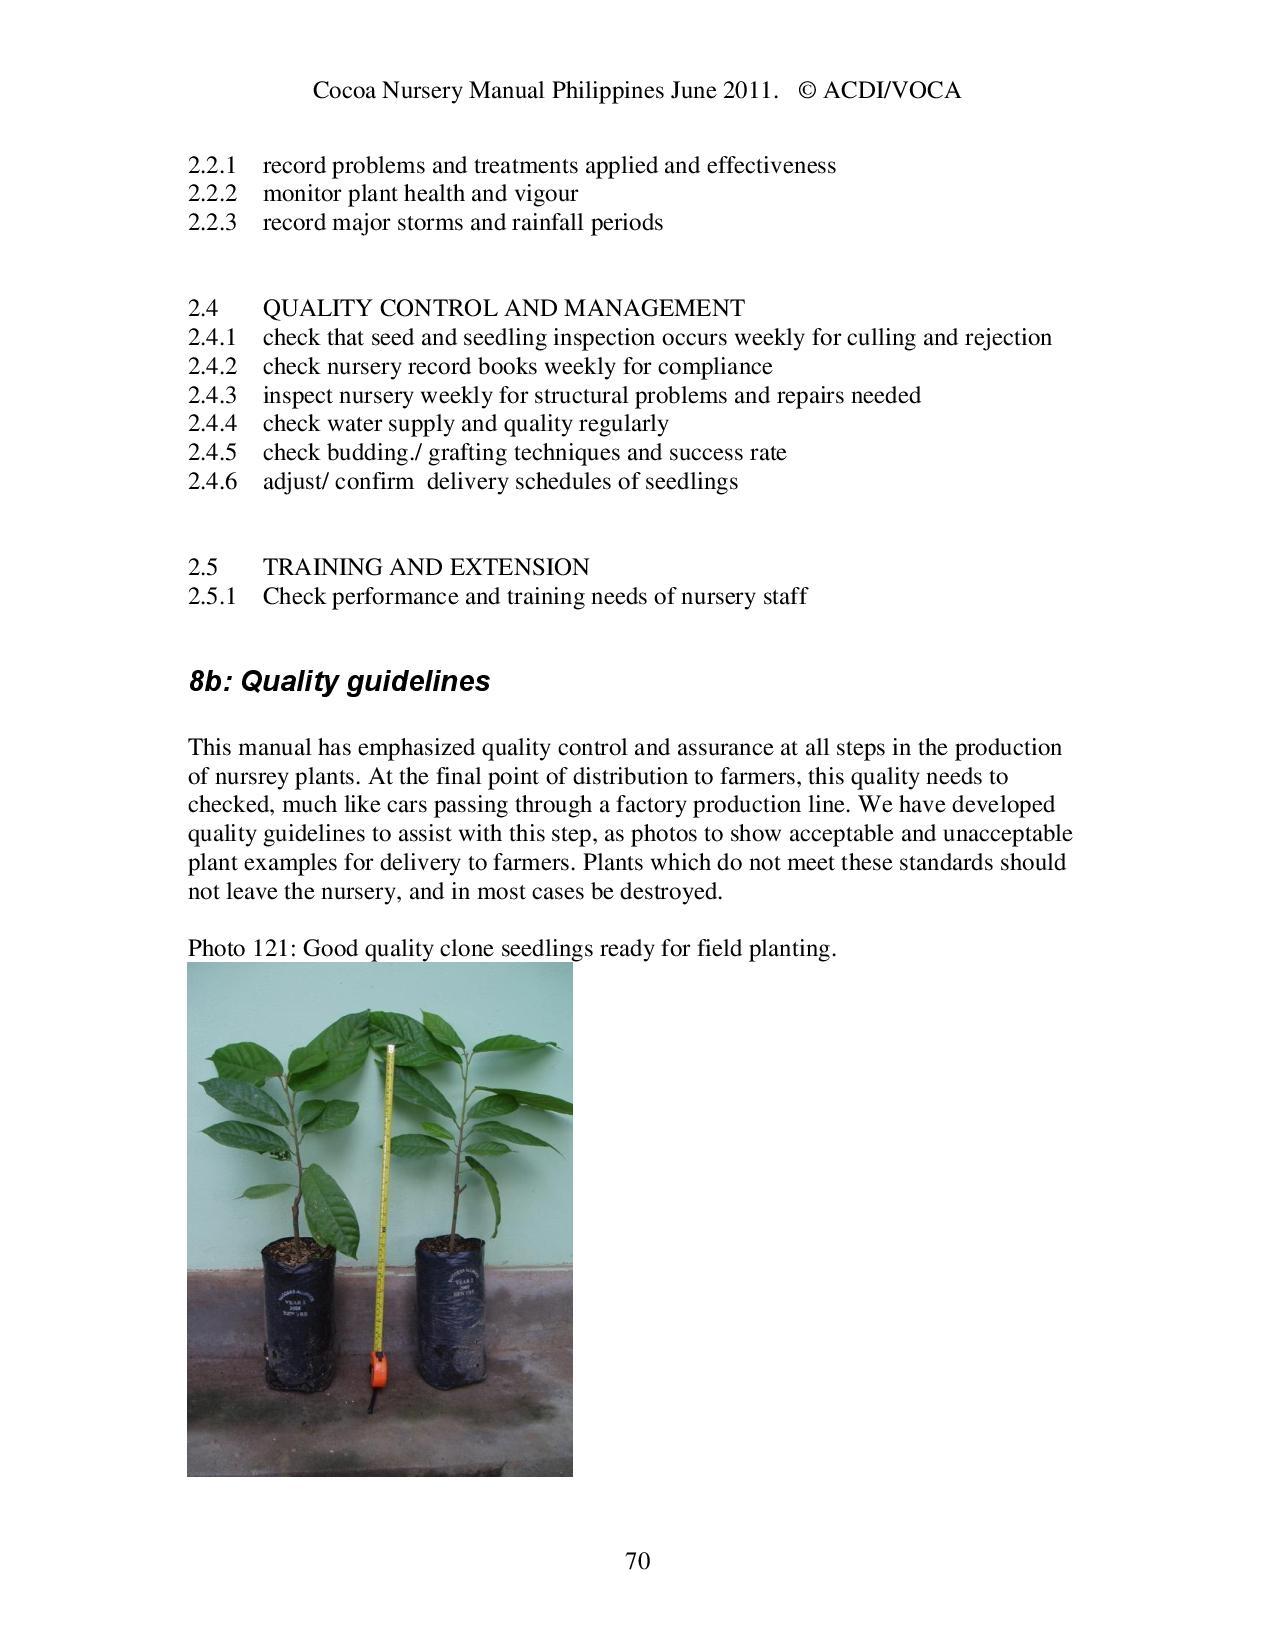 Cocoa-Nursery-Manual-2011_acdi-voca-page-070